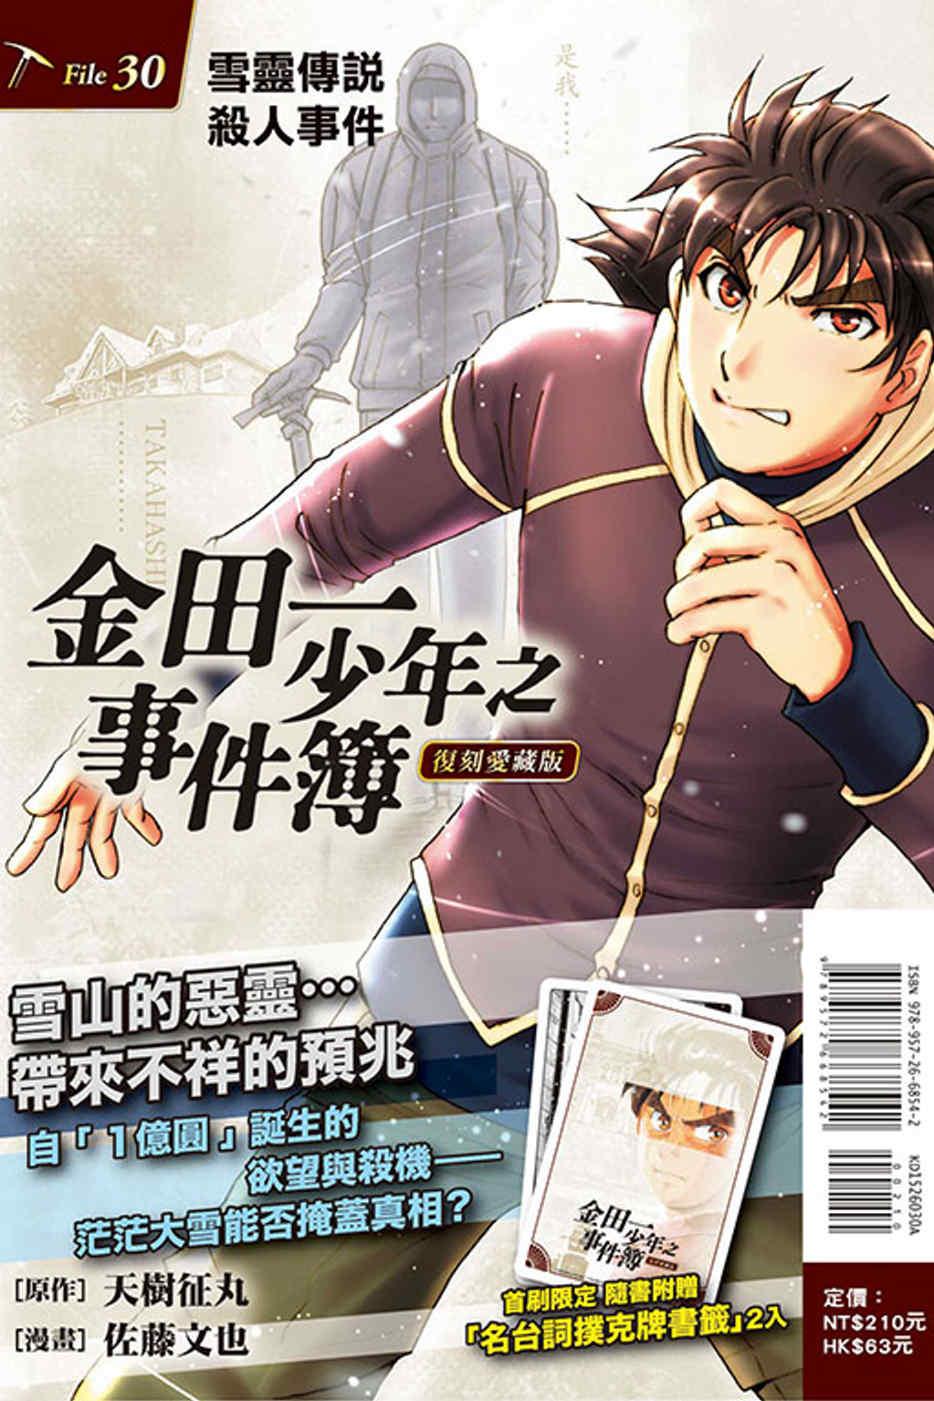 金田一少年之事件簿 復刻愛藏版 30 雪靈傳說殺人事件 (首刷附錄版)